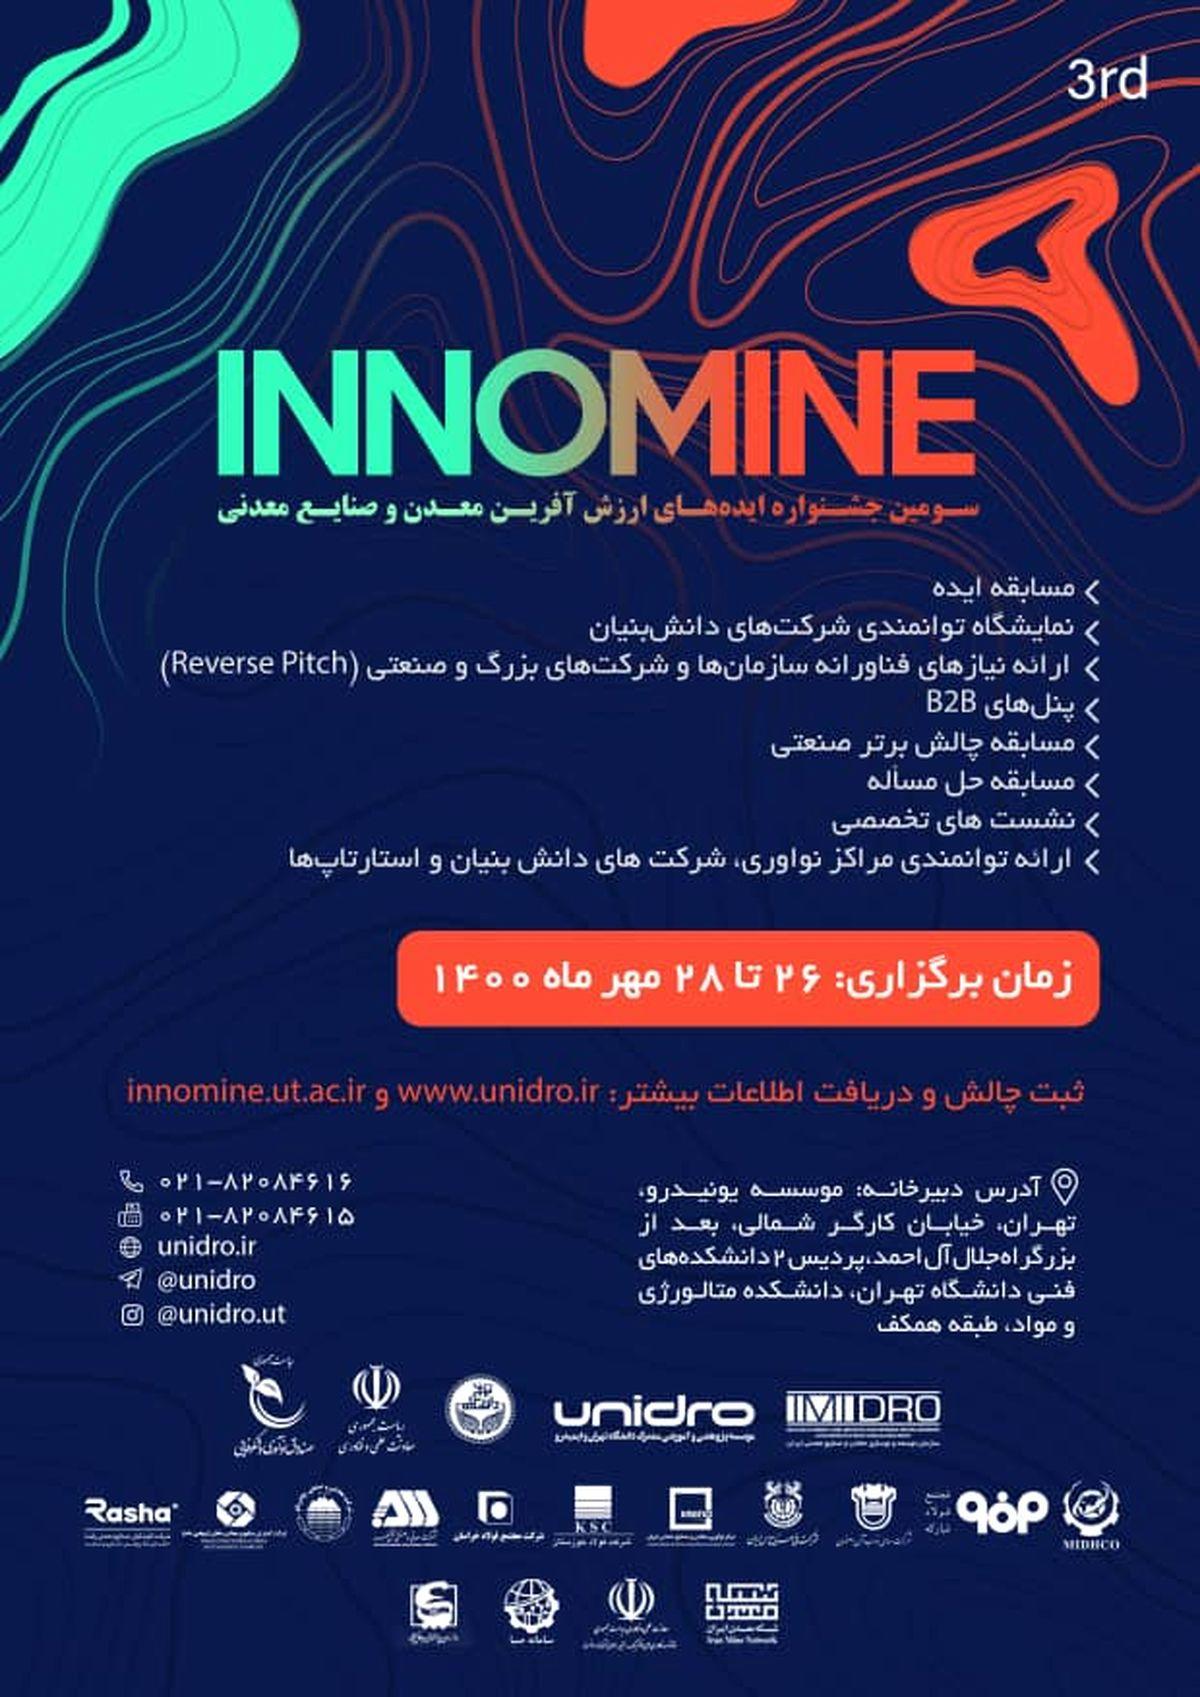 جزئیات برگزاری سومین جشنواره اینوماین در مهرماه